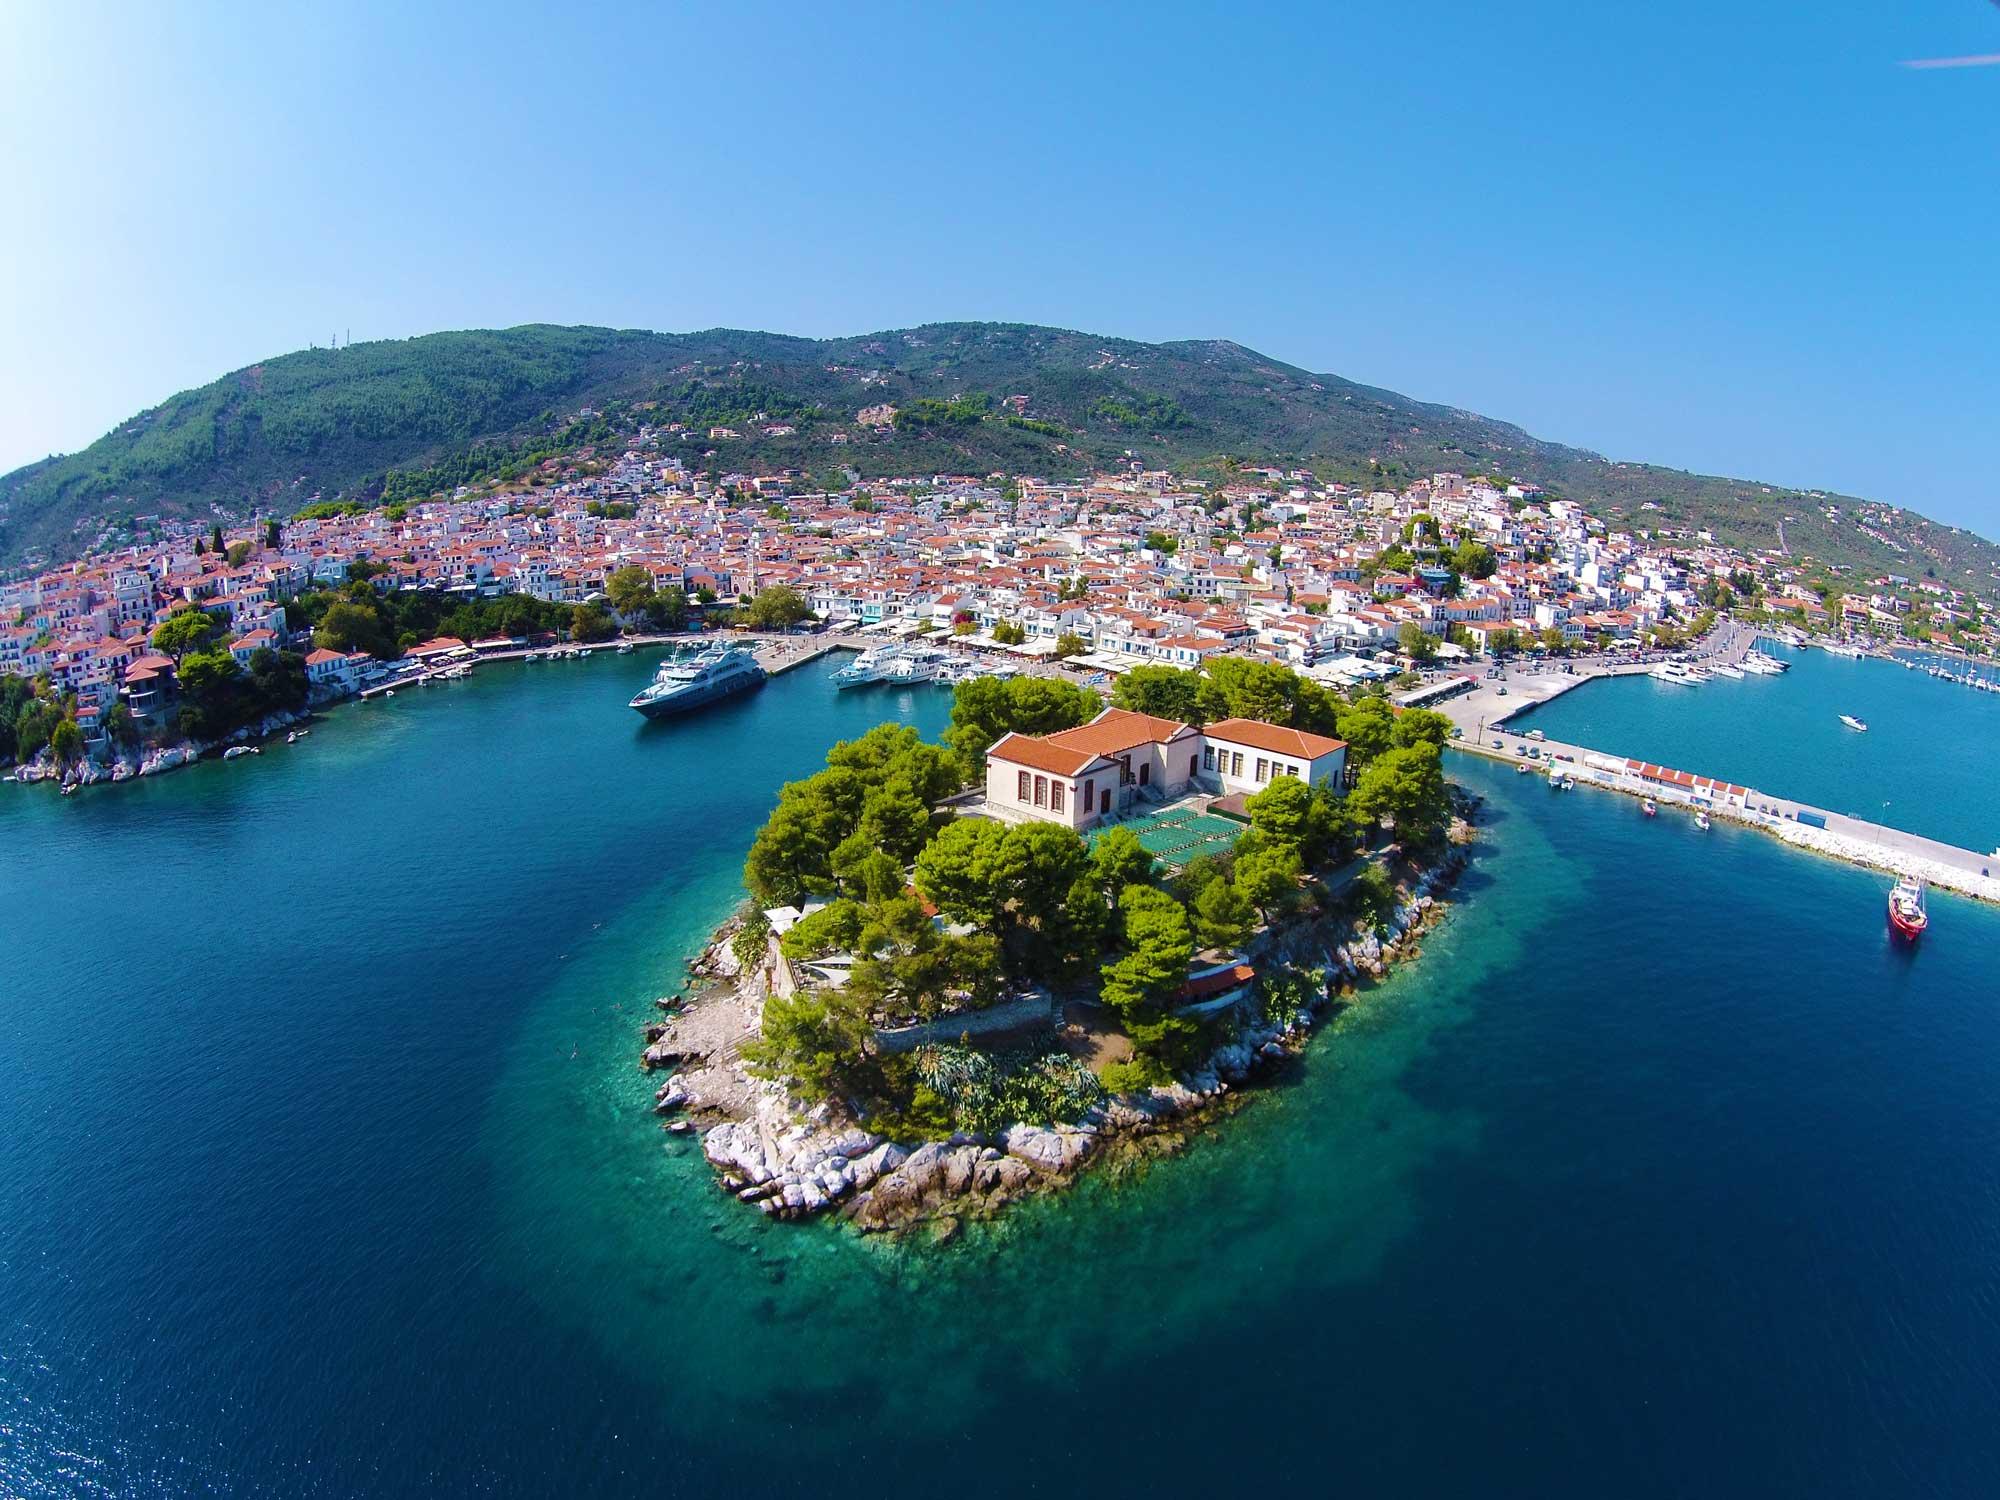 Οι Έλληνες τουρίστες «ψηφίζουν» Σκιάθο και Σκόπελο – Οι ξένοι προτιμούν Μύκονο